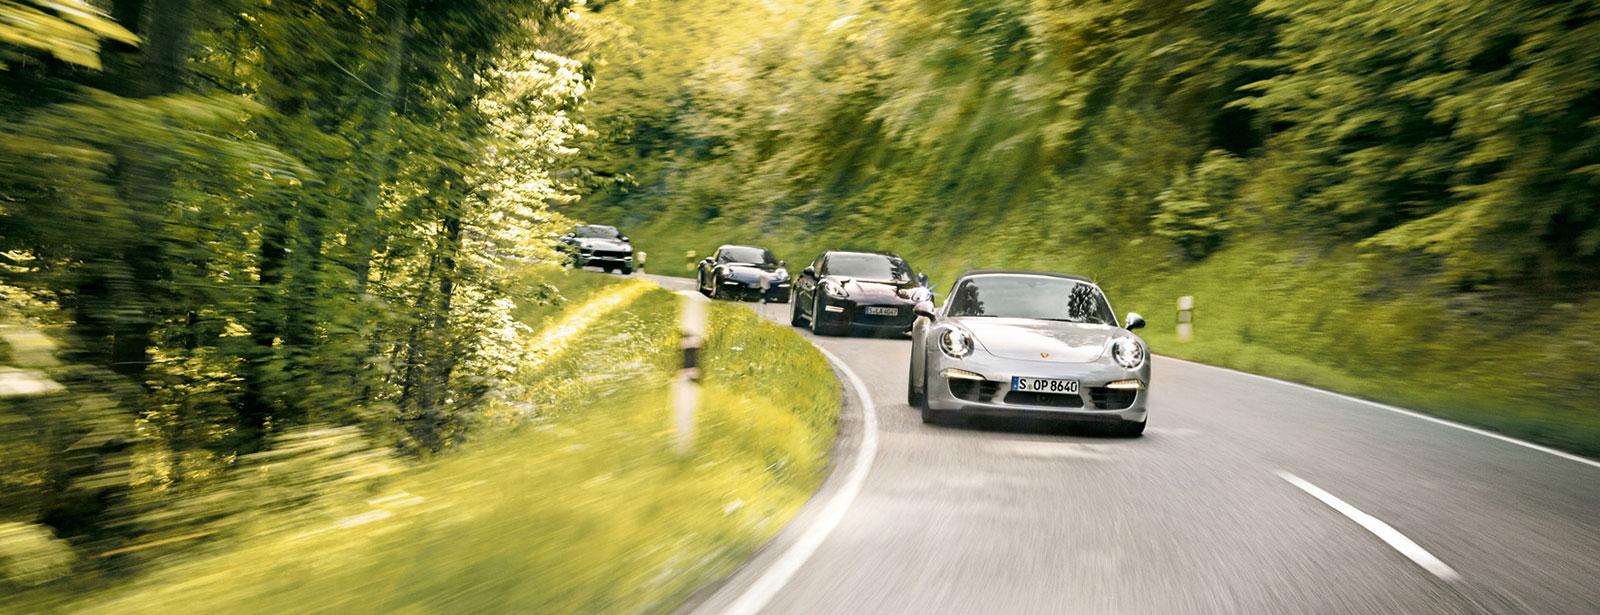 Porsche Club Roland zu Bremen